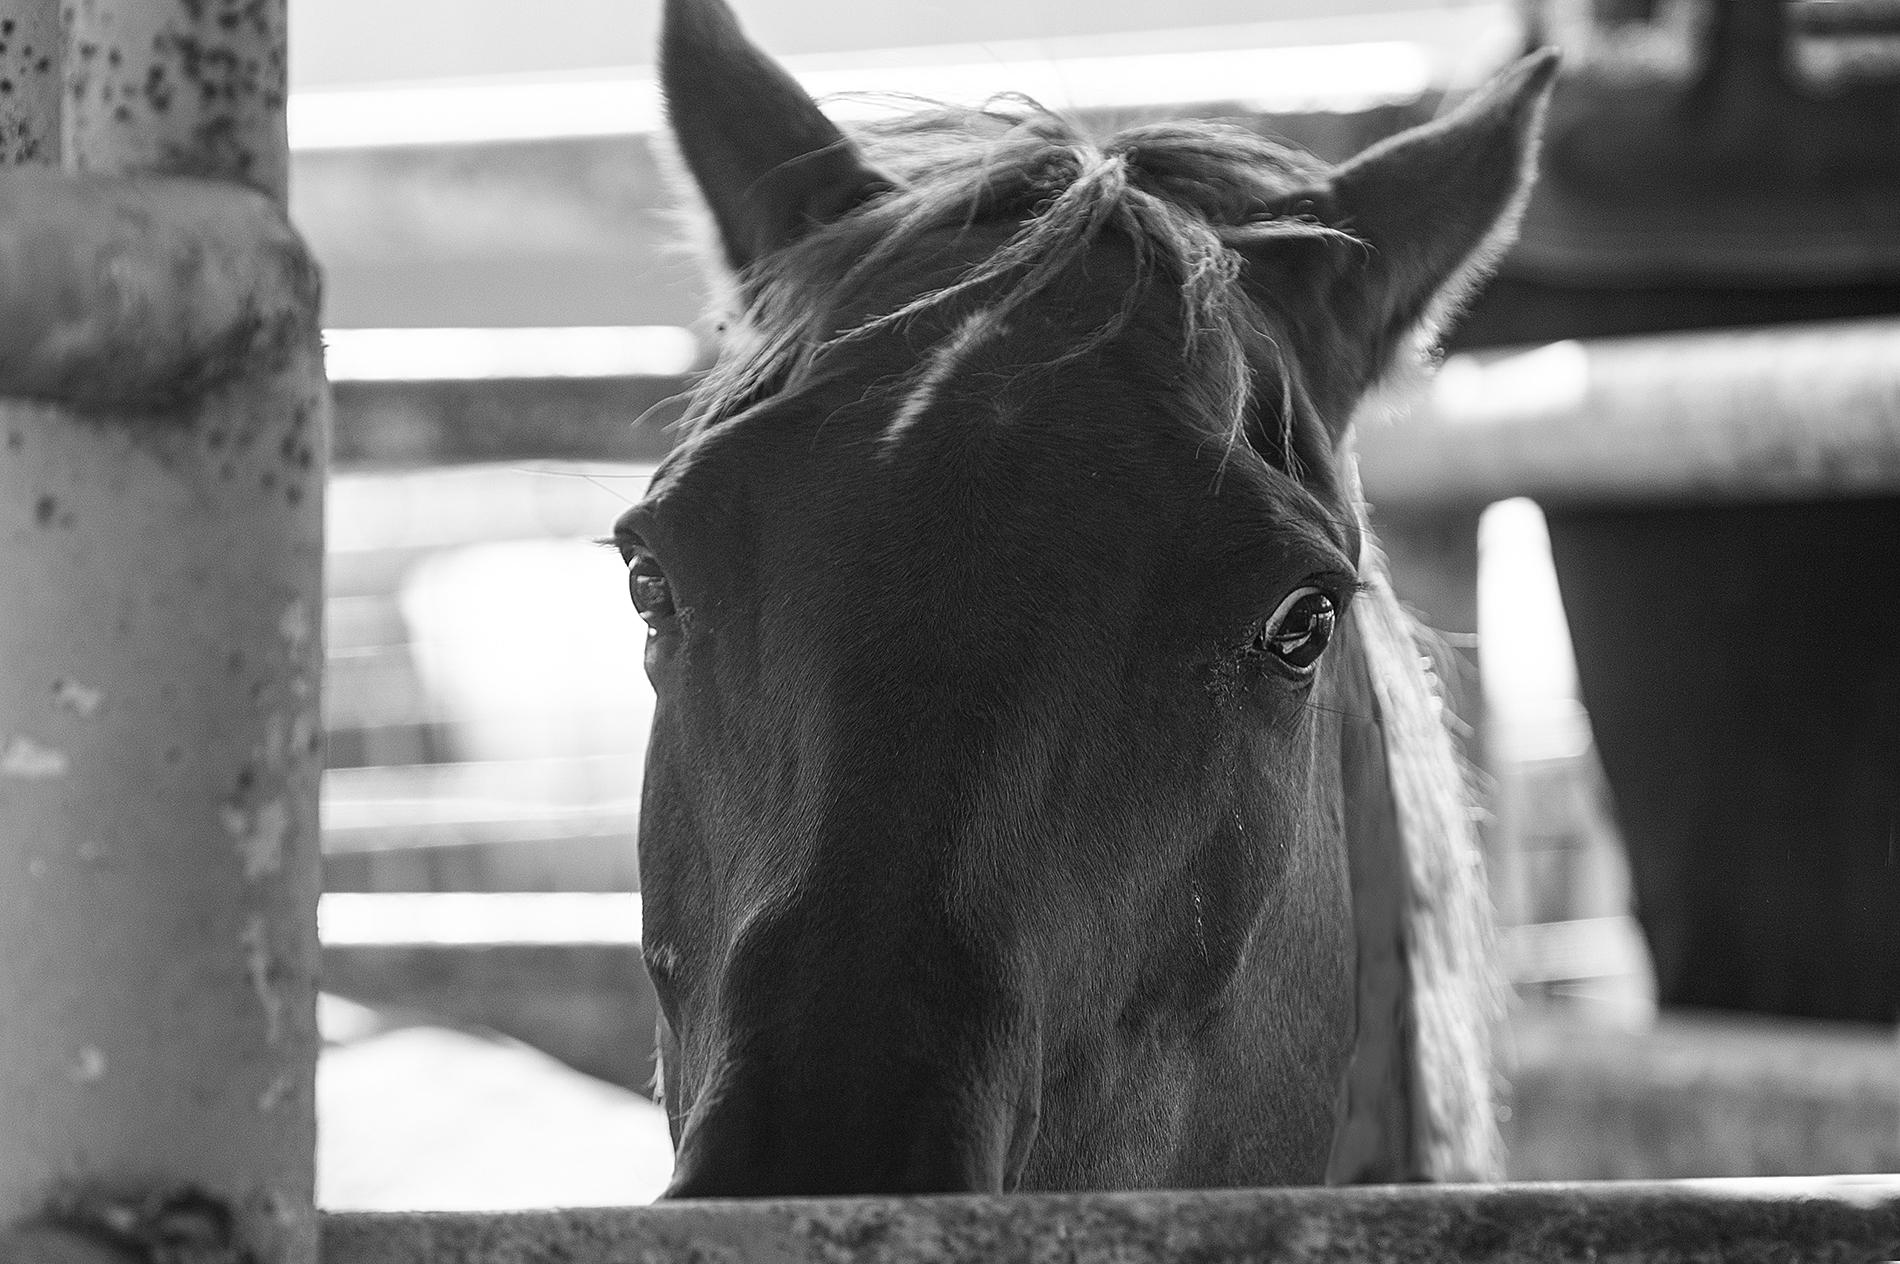 Horse phobias